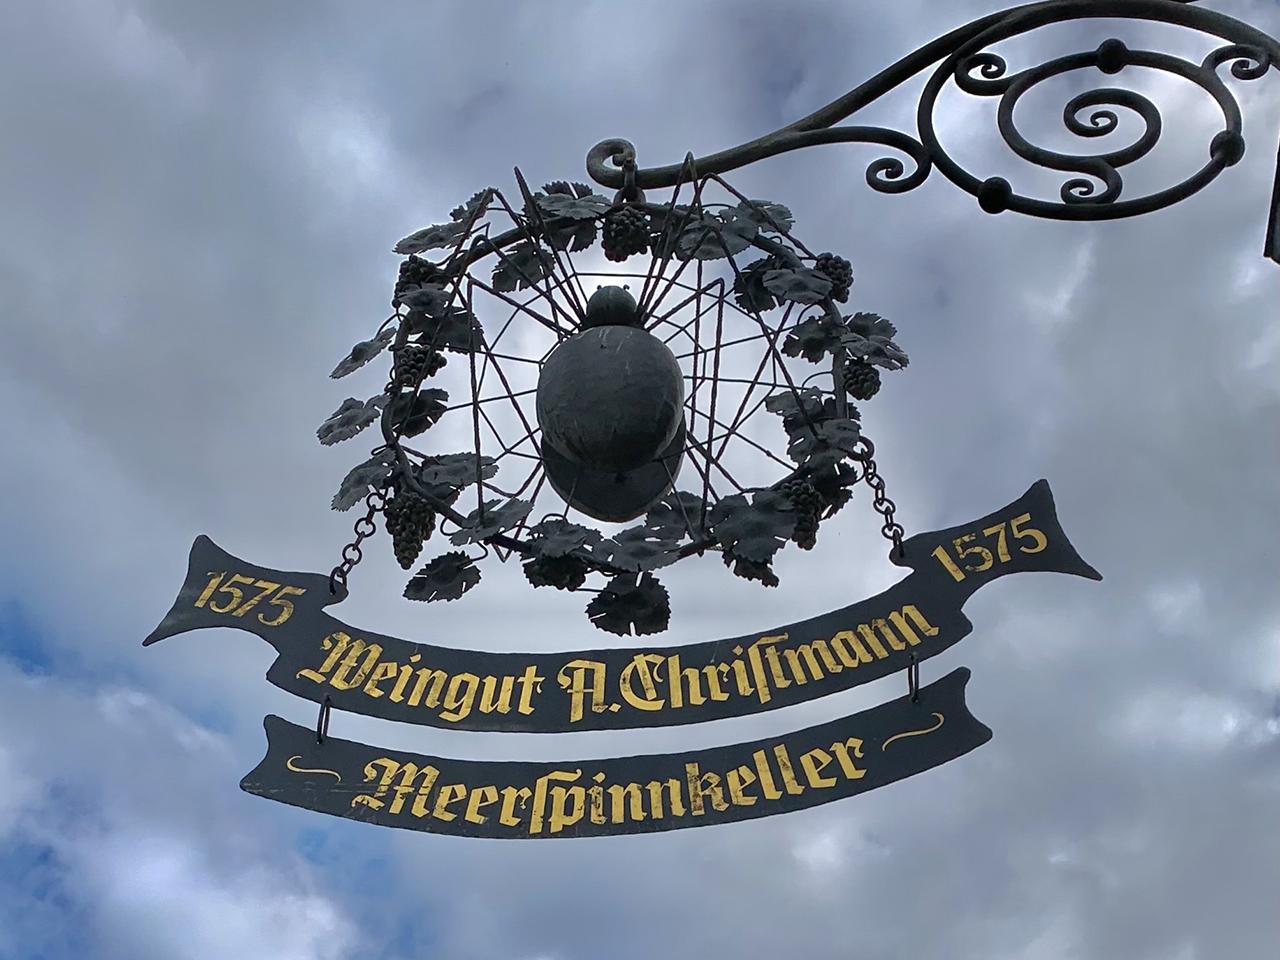 Weingut Christmann Meerspinne